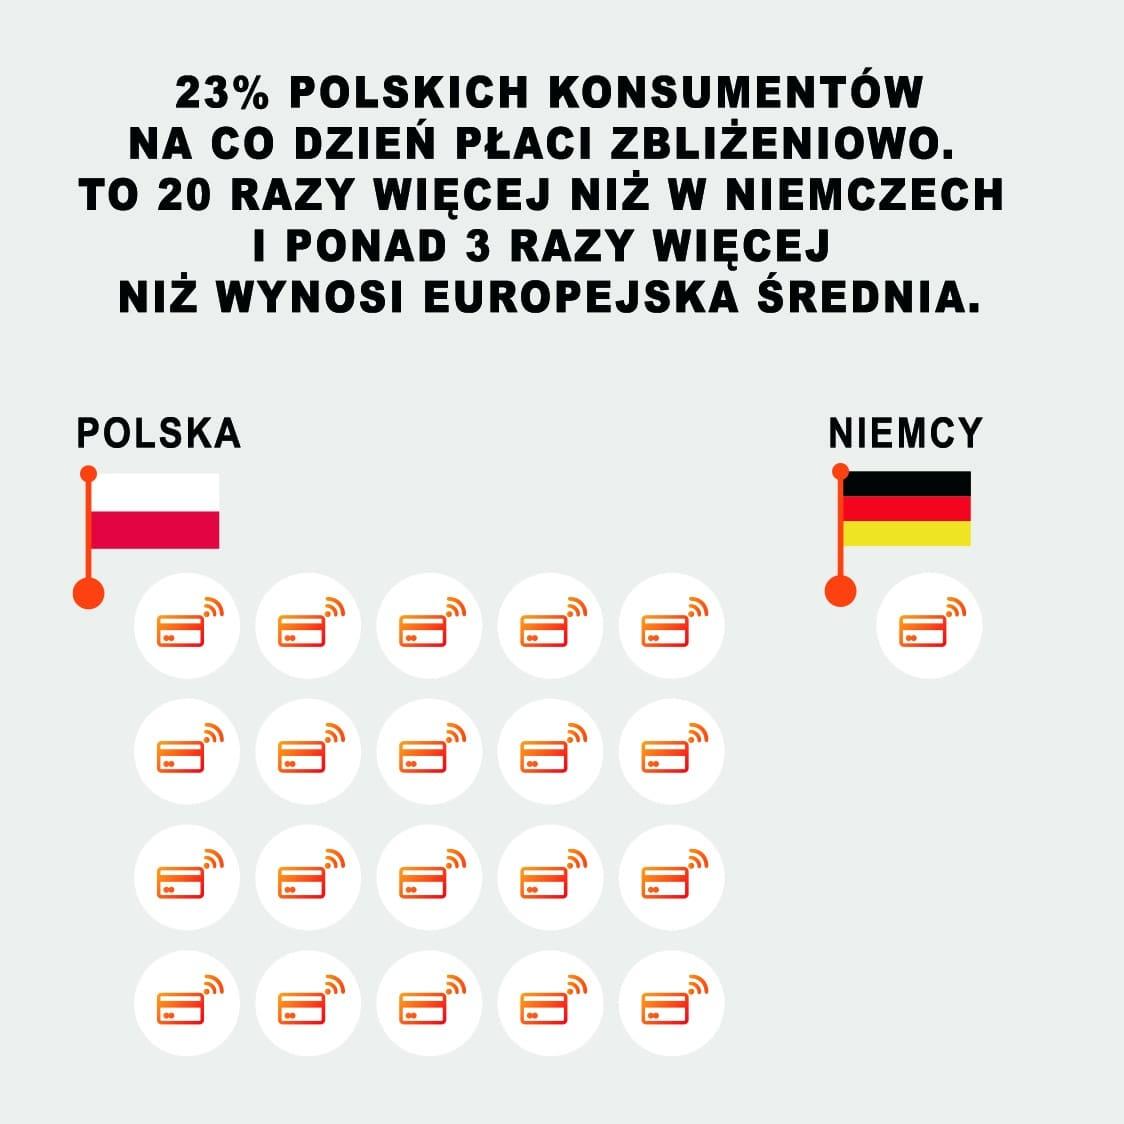 płatności zbliżeniowe w polsce